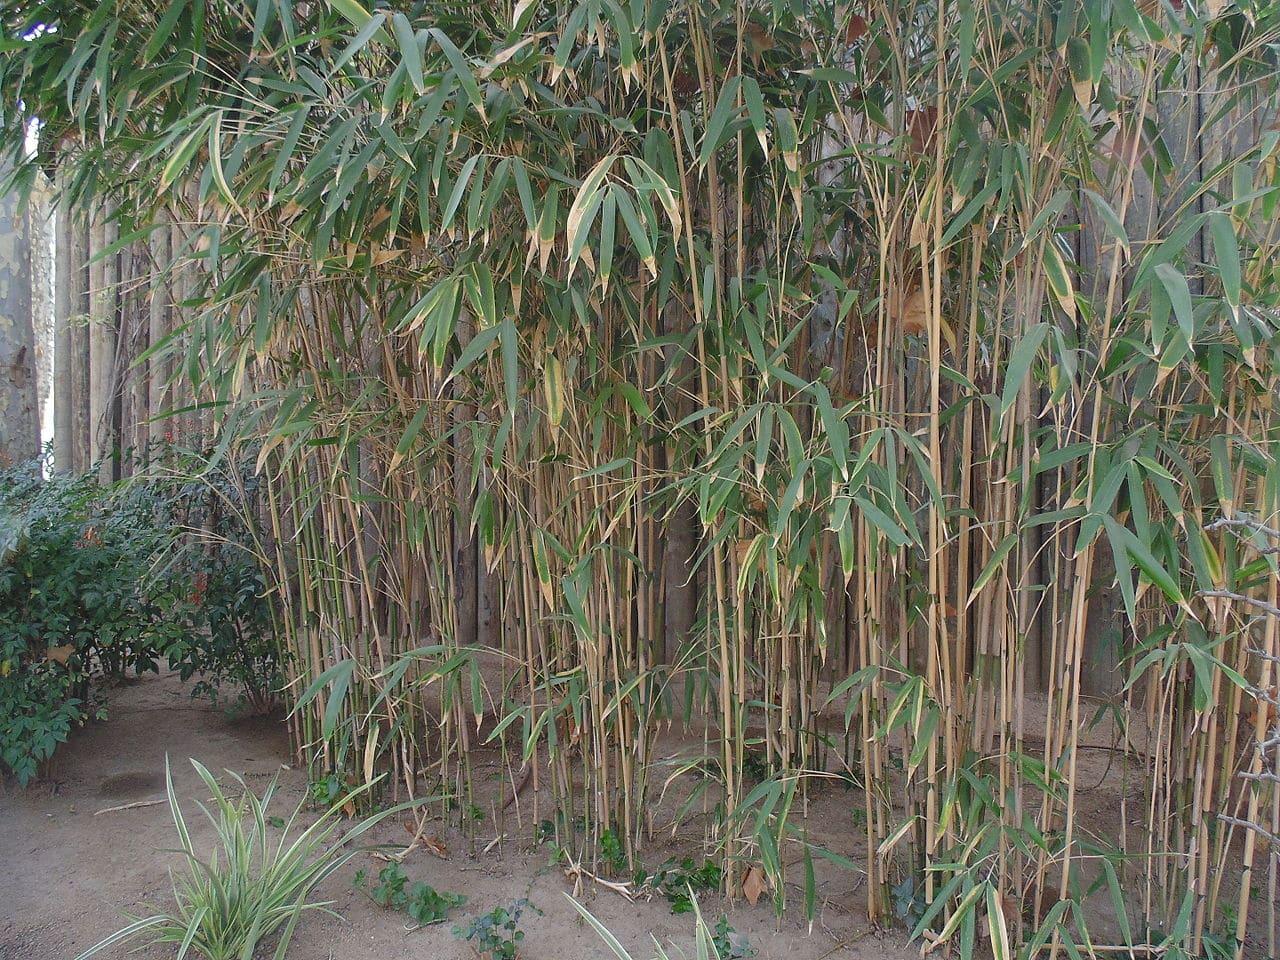 Pseudosasa japonica, un bambú invasivo de hojas grandes